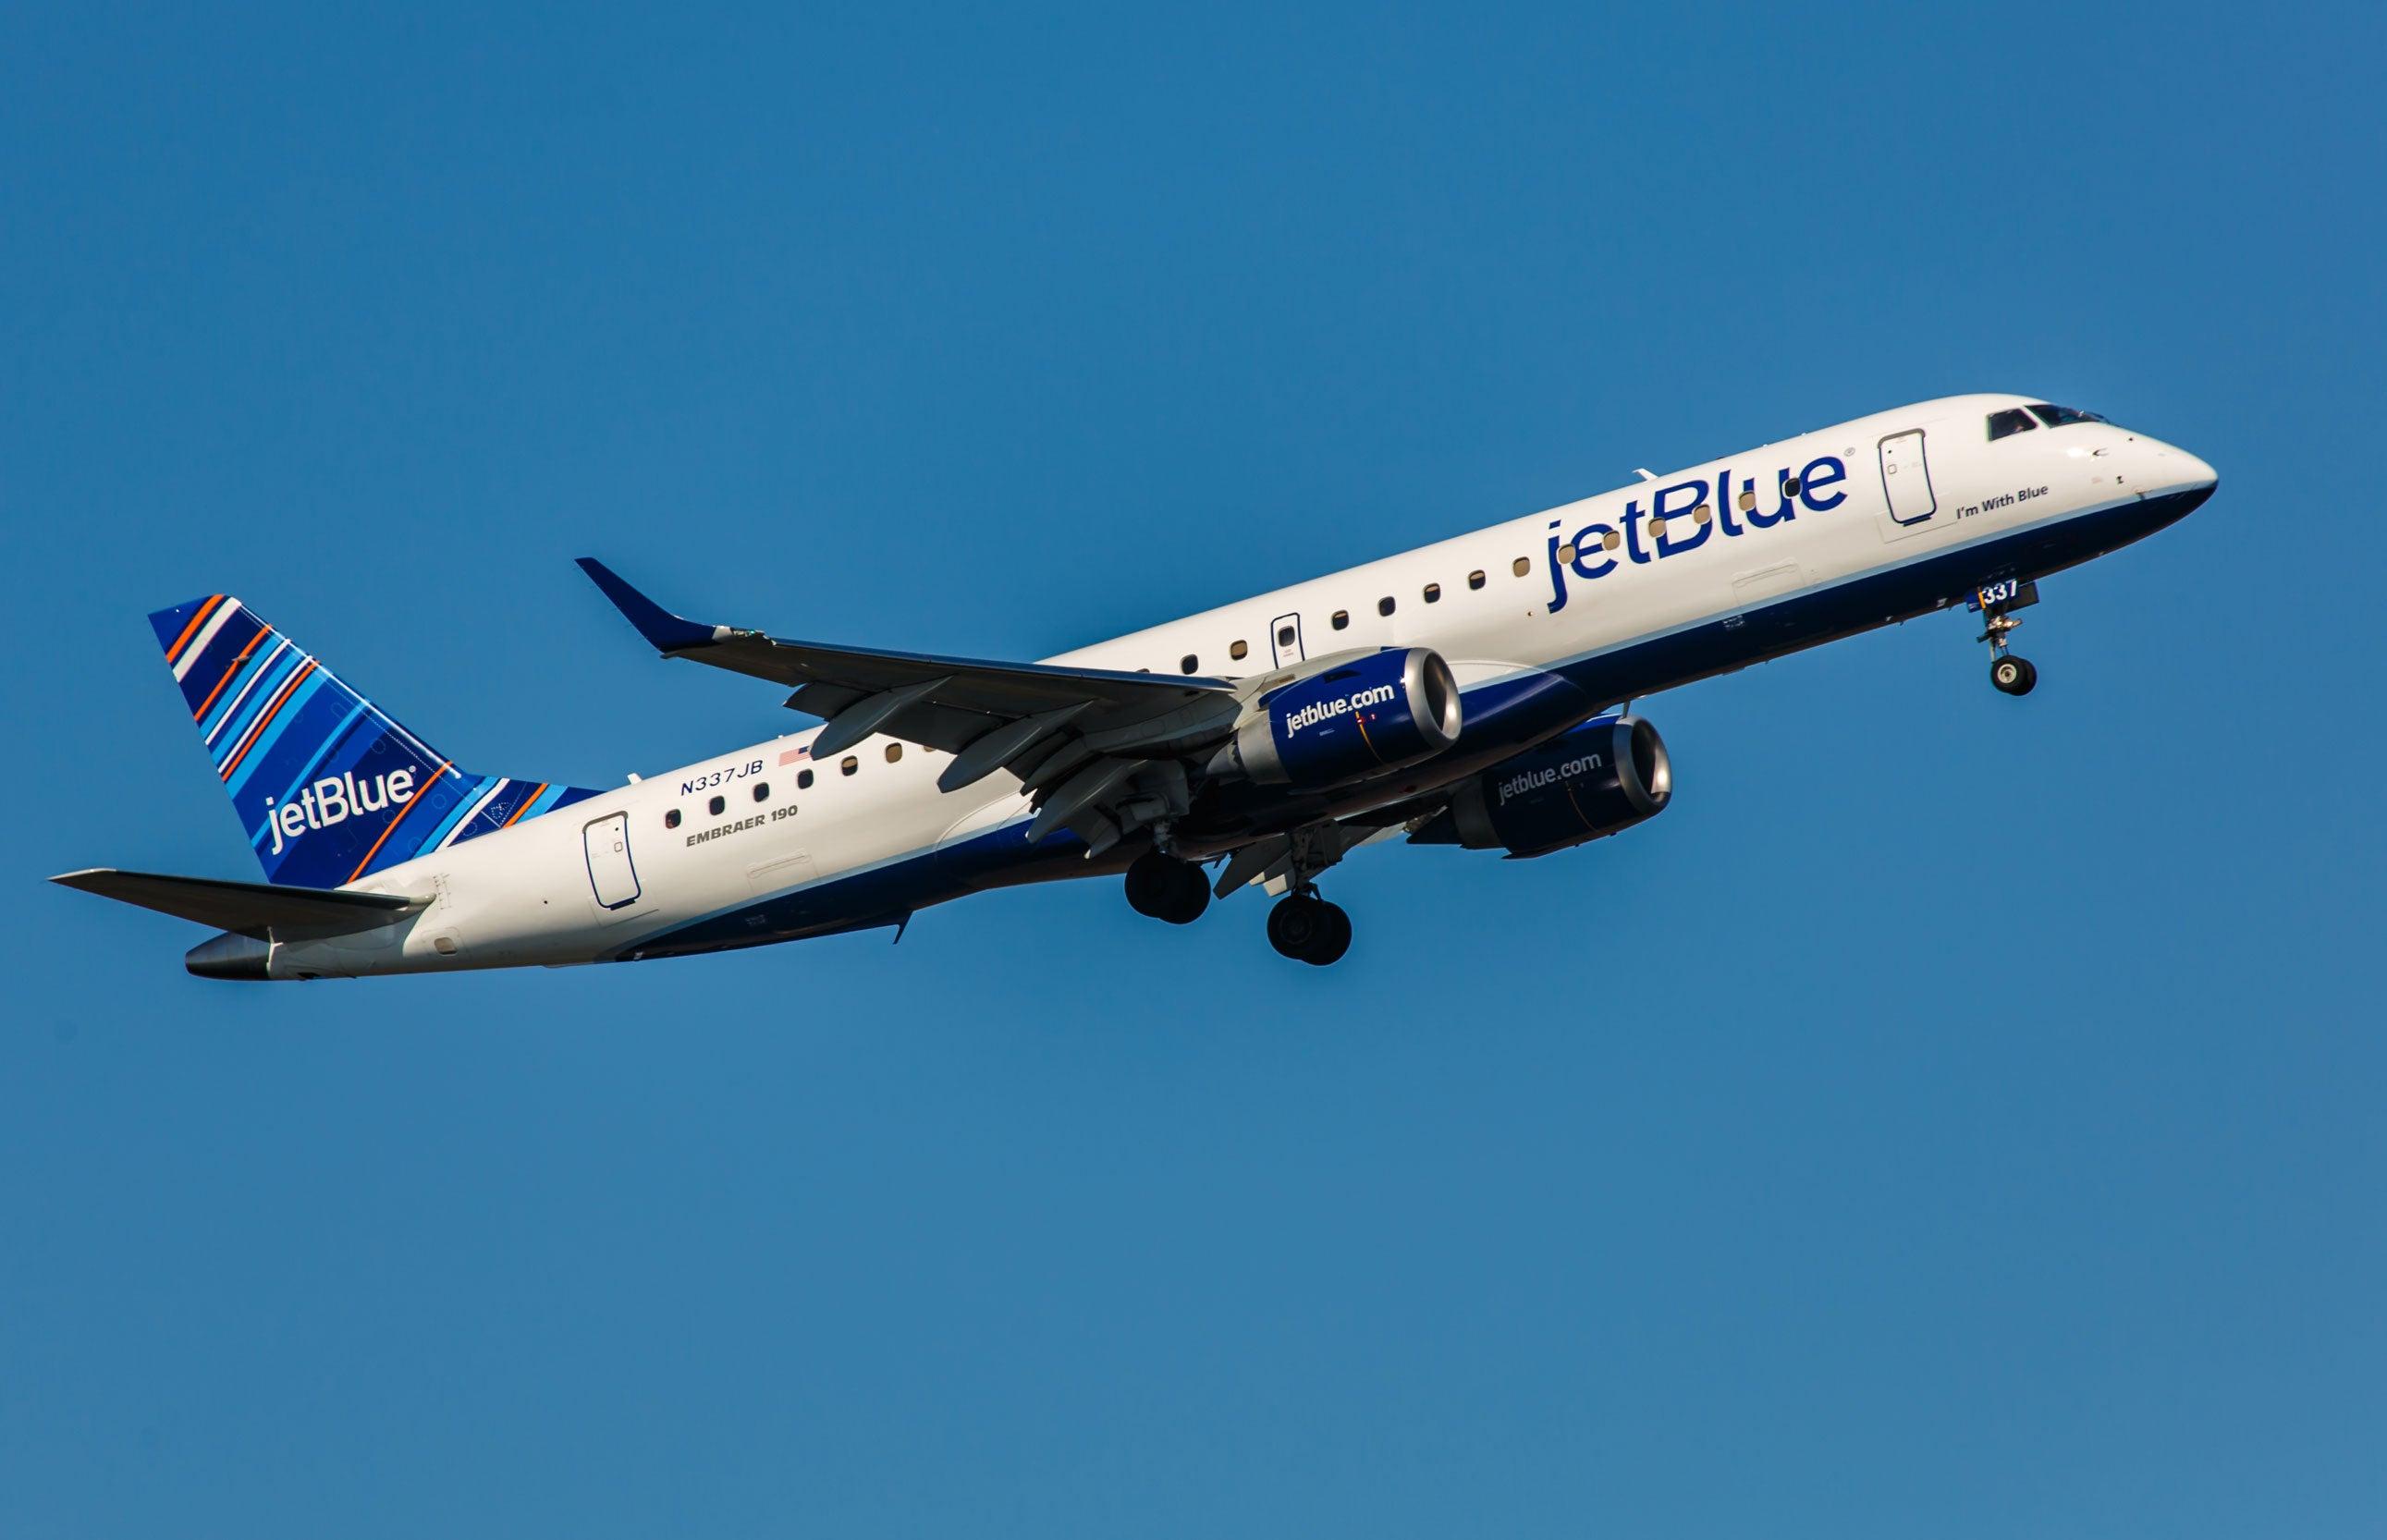 JetBlue s 3 New Credit Cards  e363db59f2f4c